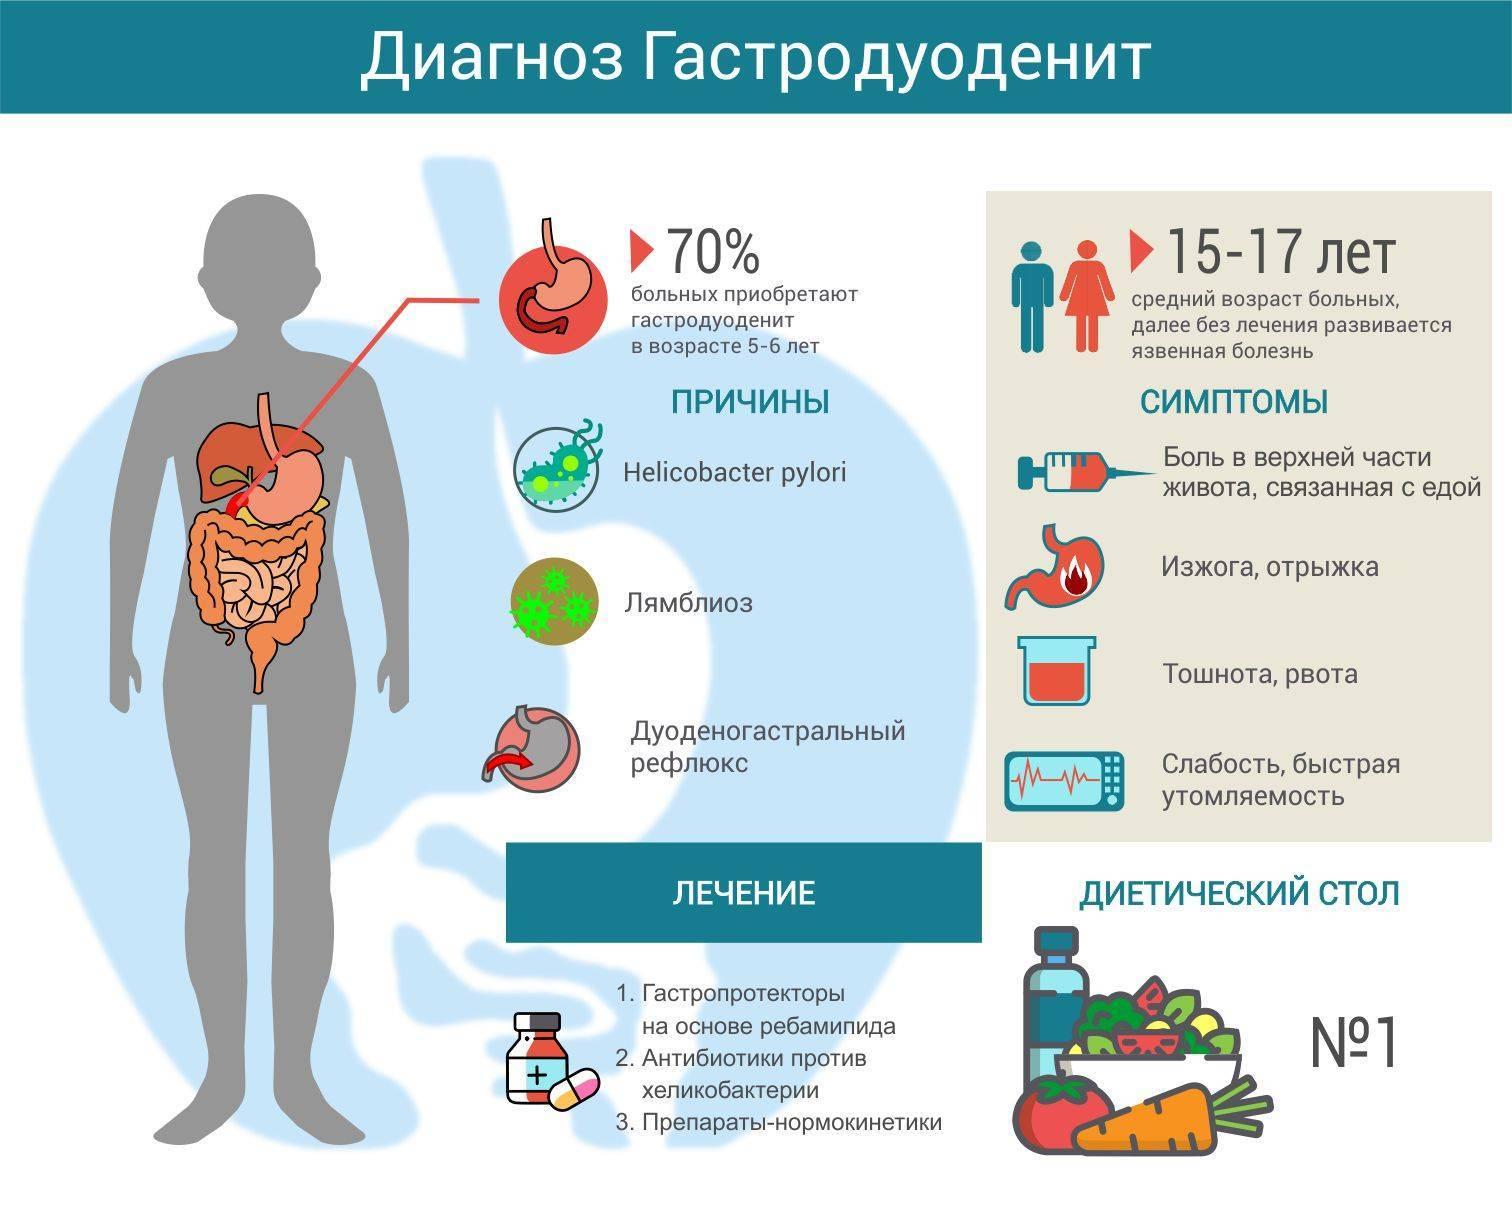 Гастродуоденит - симптомы и лечение, обострение, диета